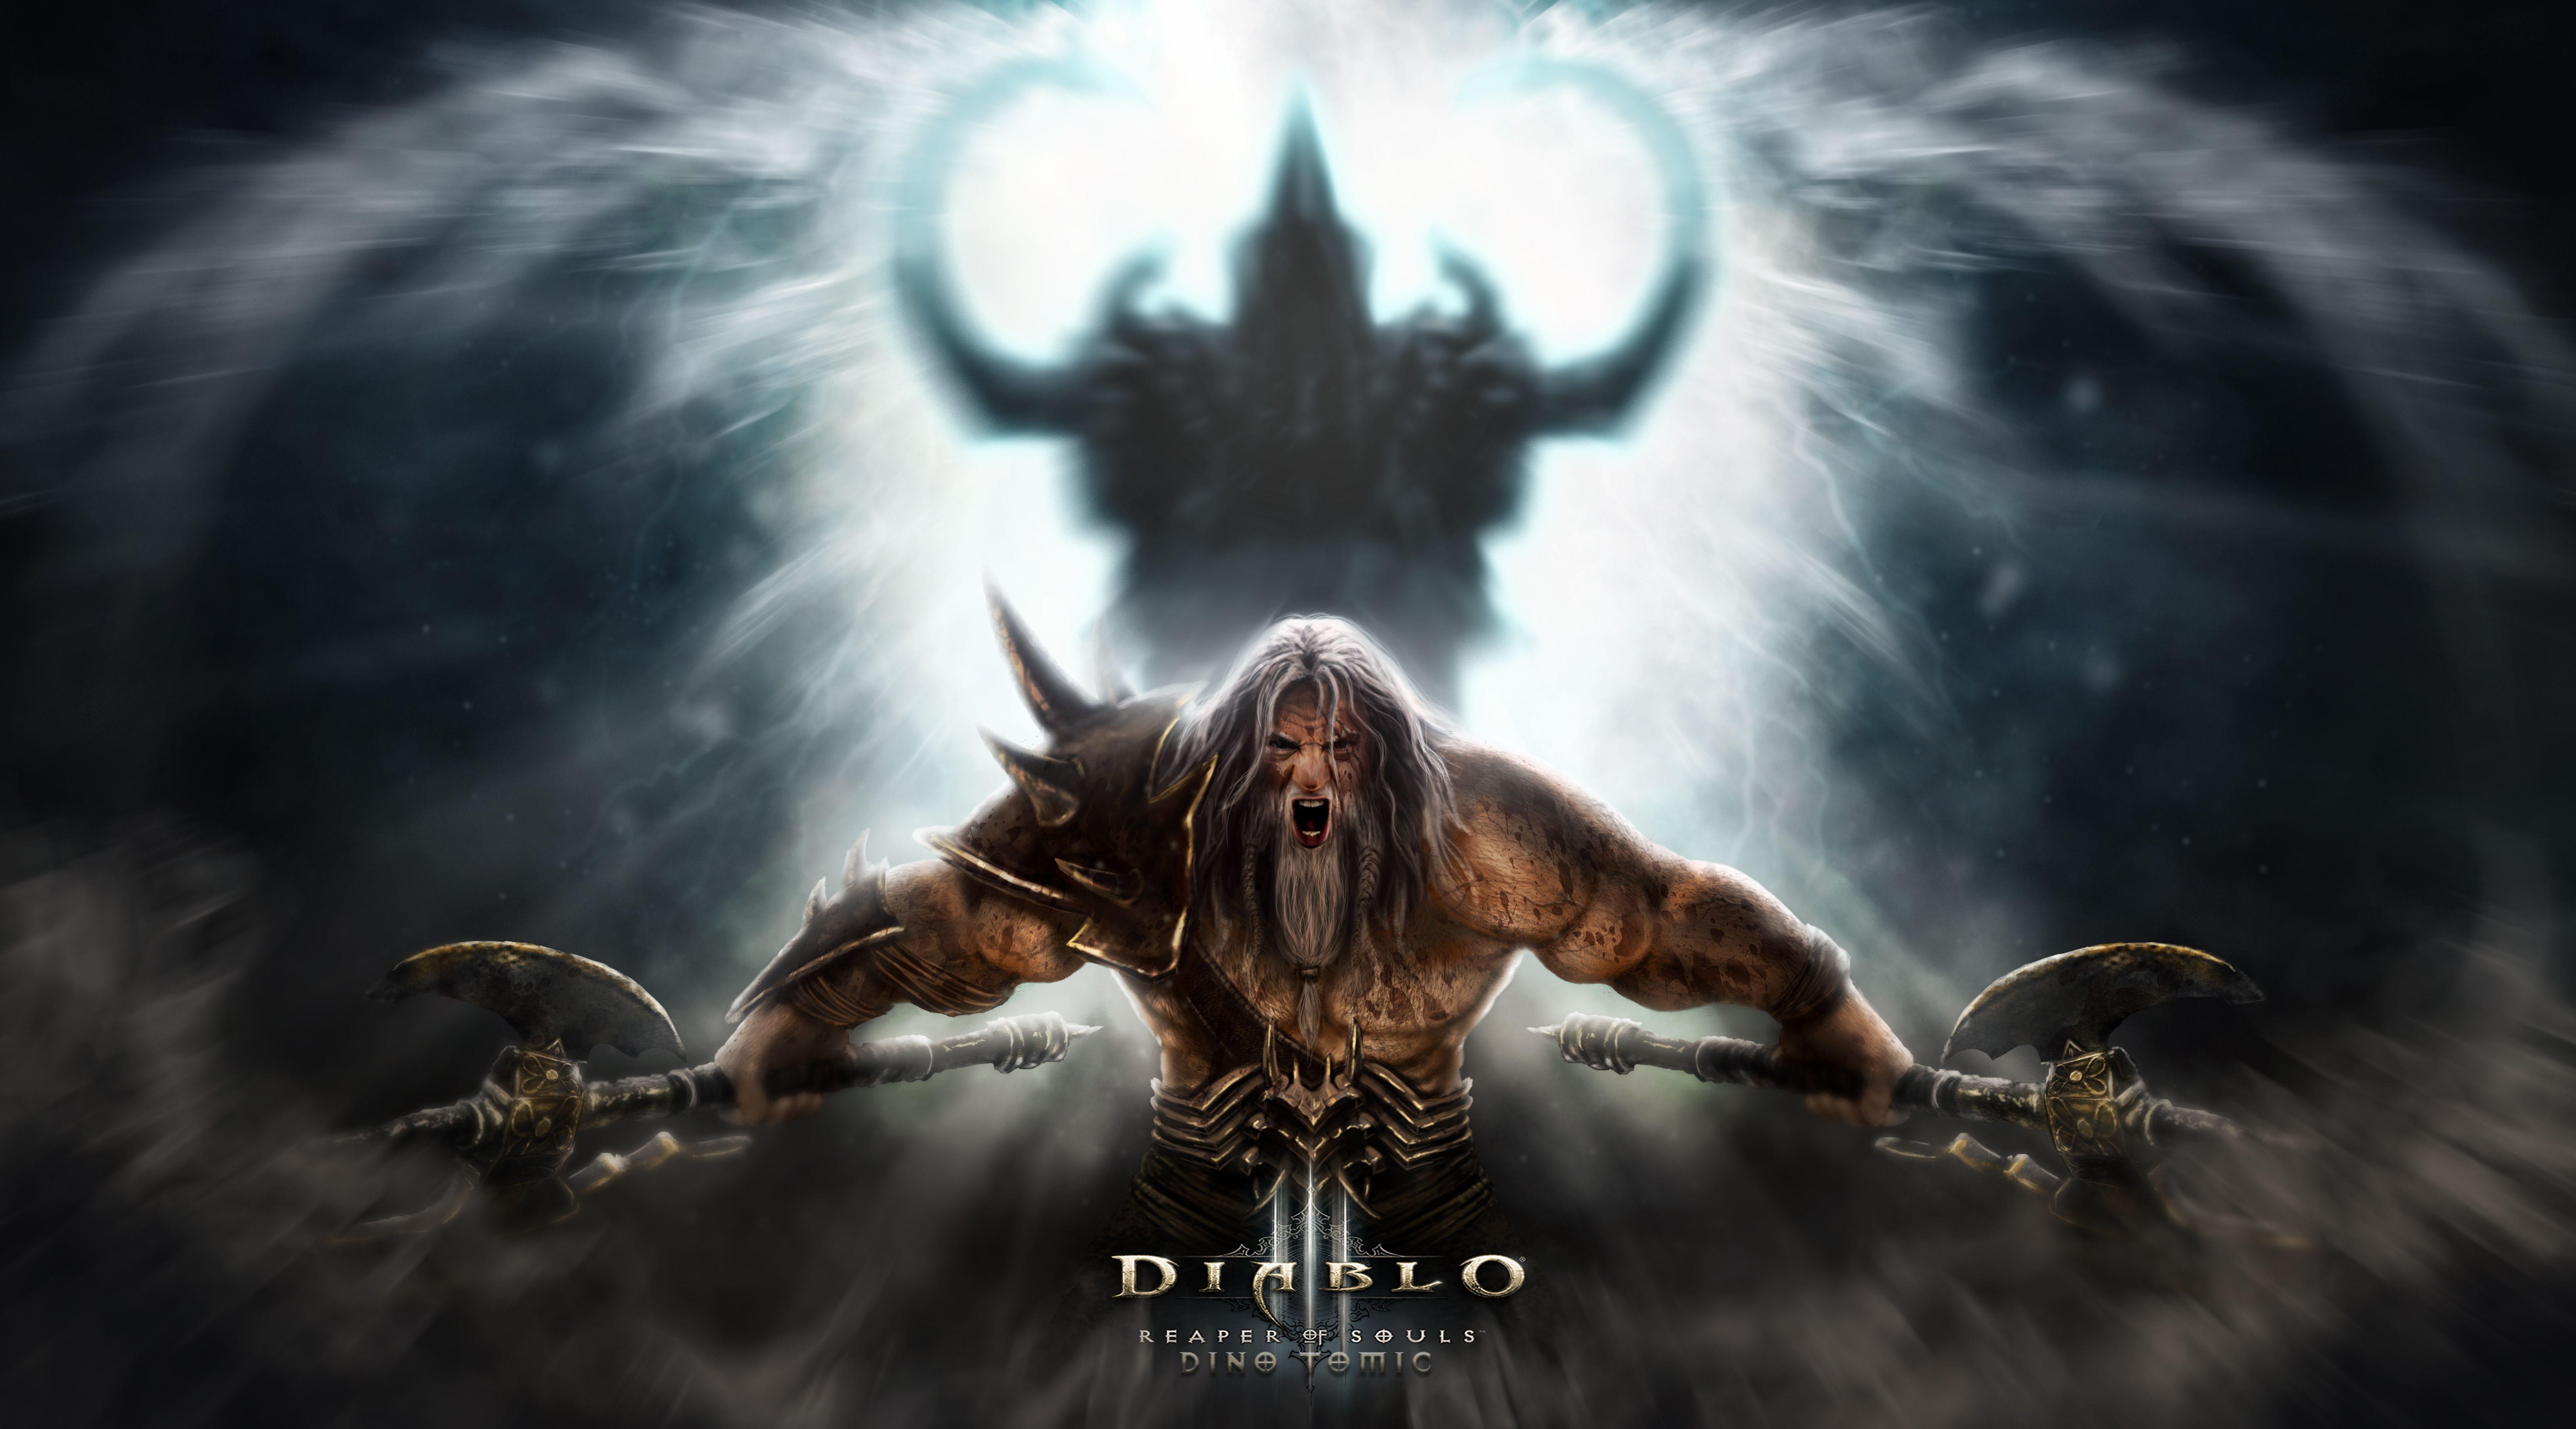 Best Diablo 3 Worrior Wallpaper Games Wallpapers